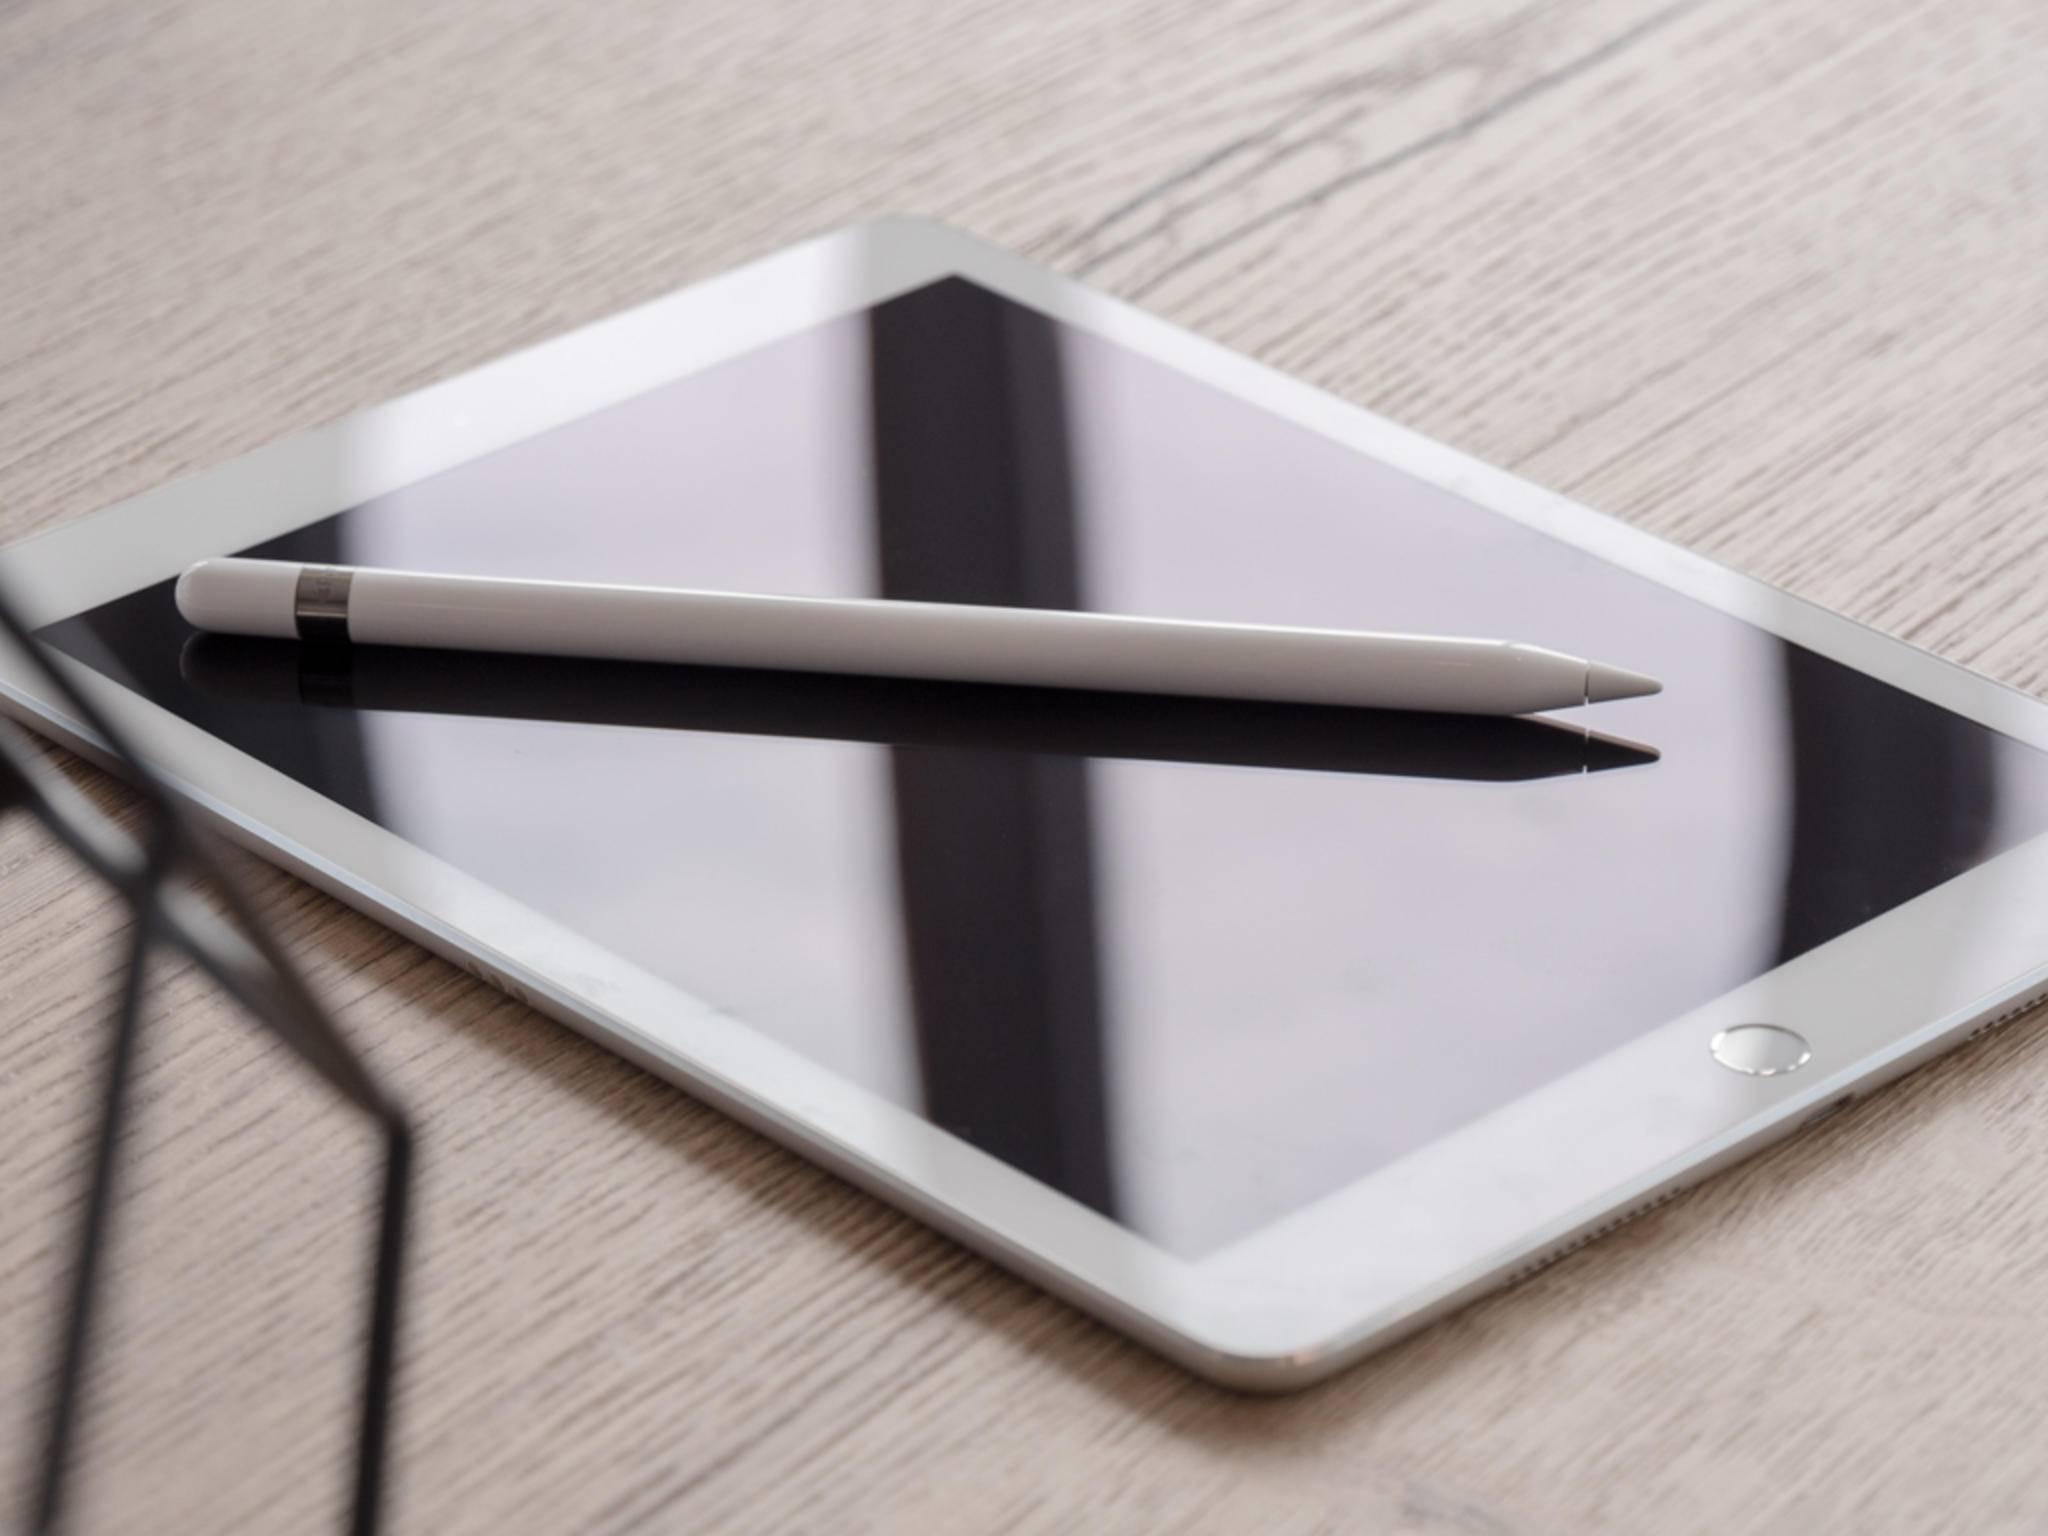 Der Apple Pencil kostet im Handel rund 110 Euro.